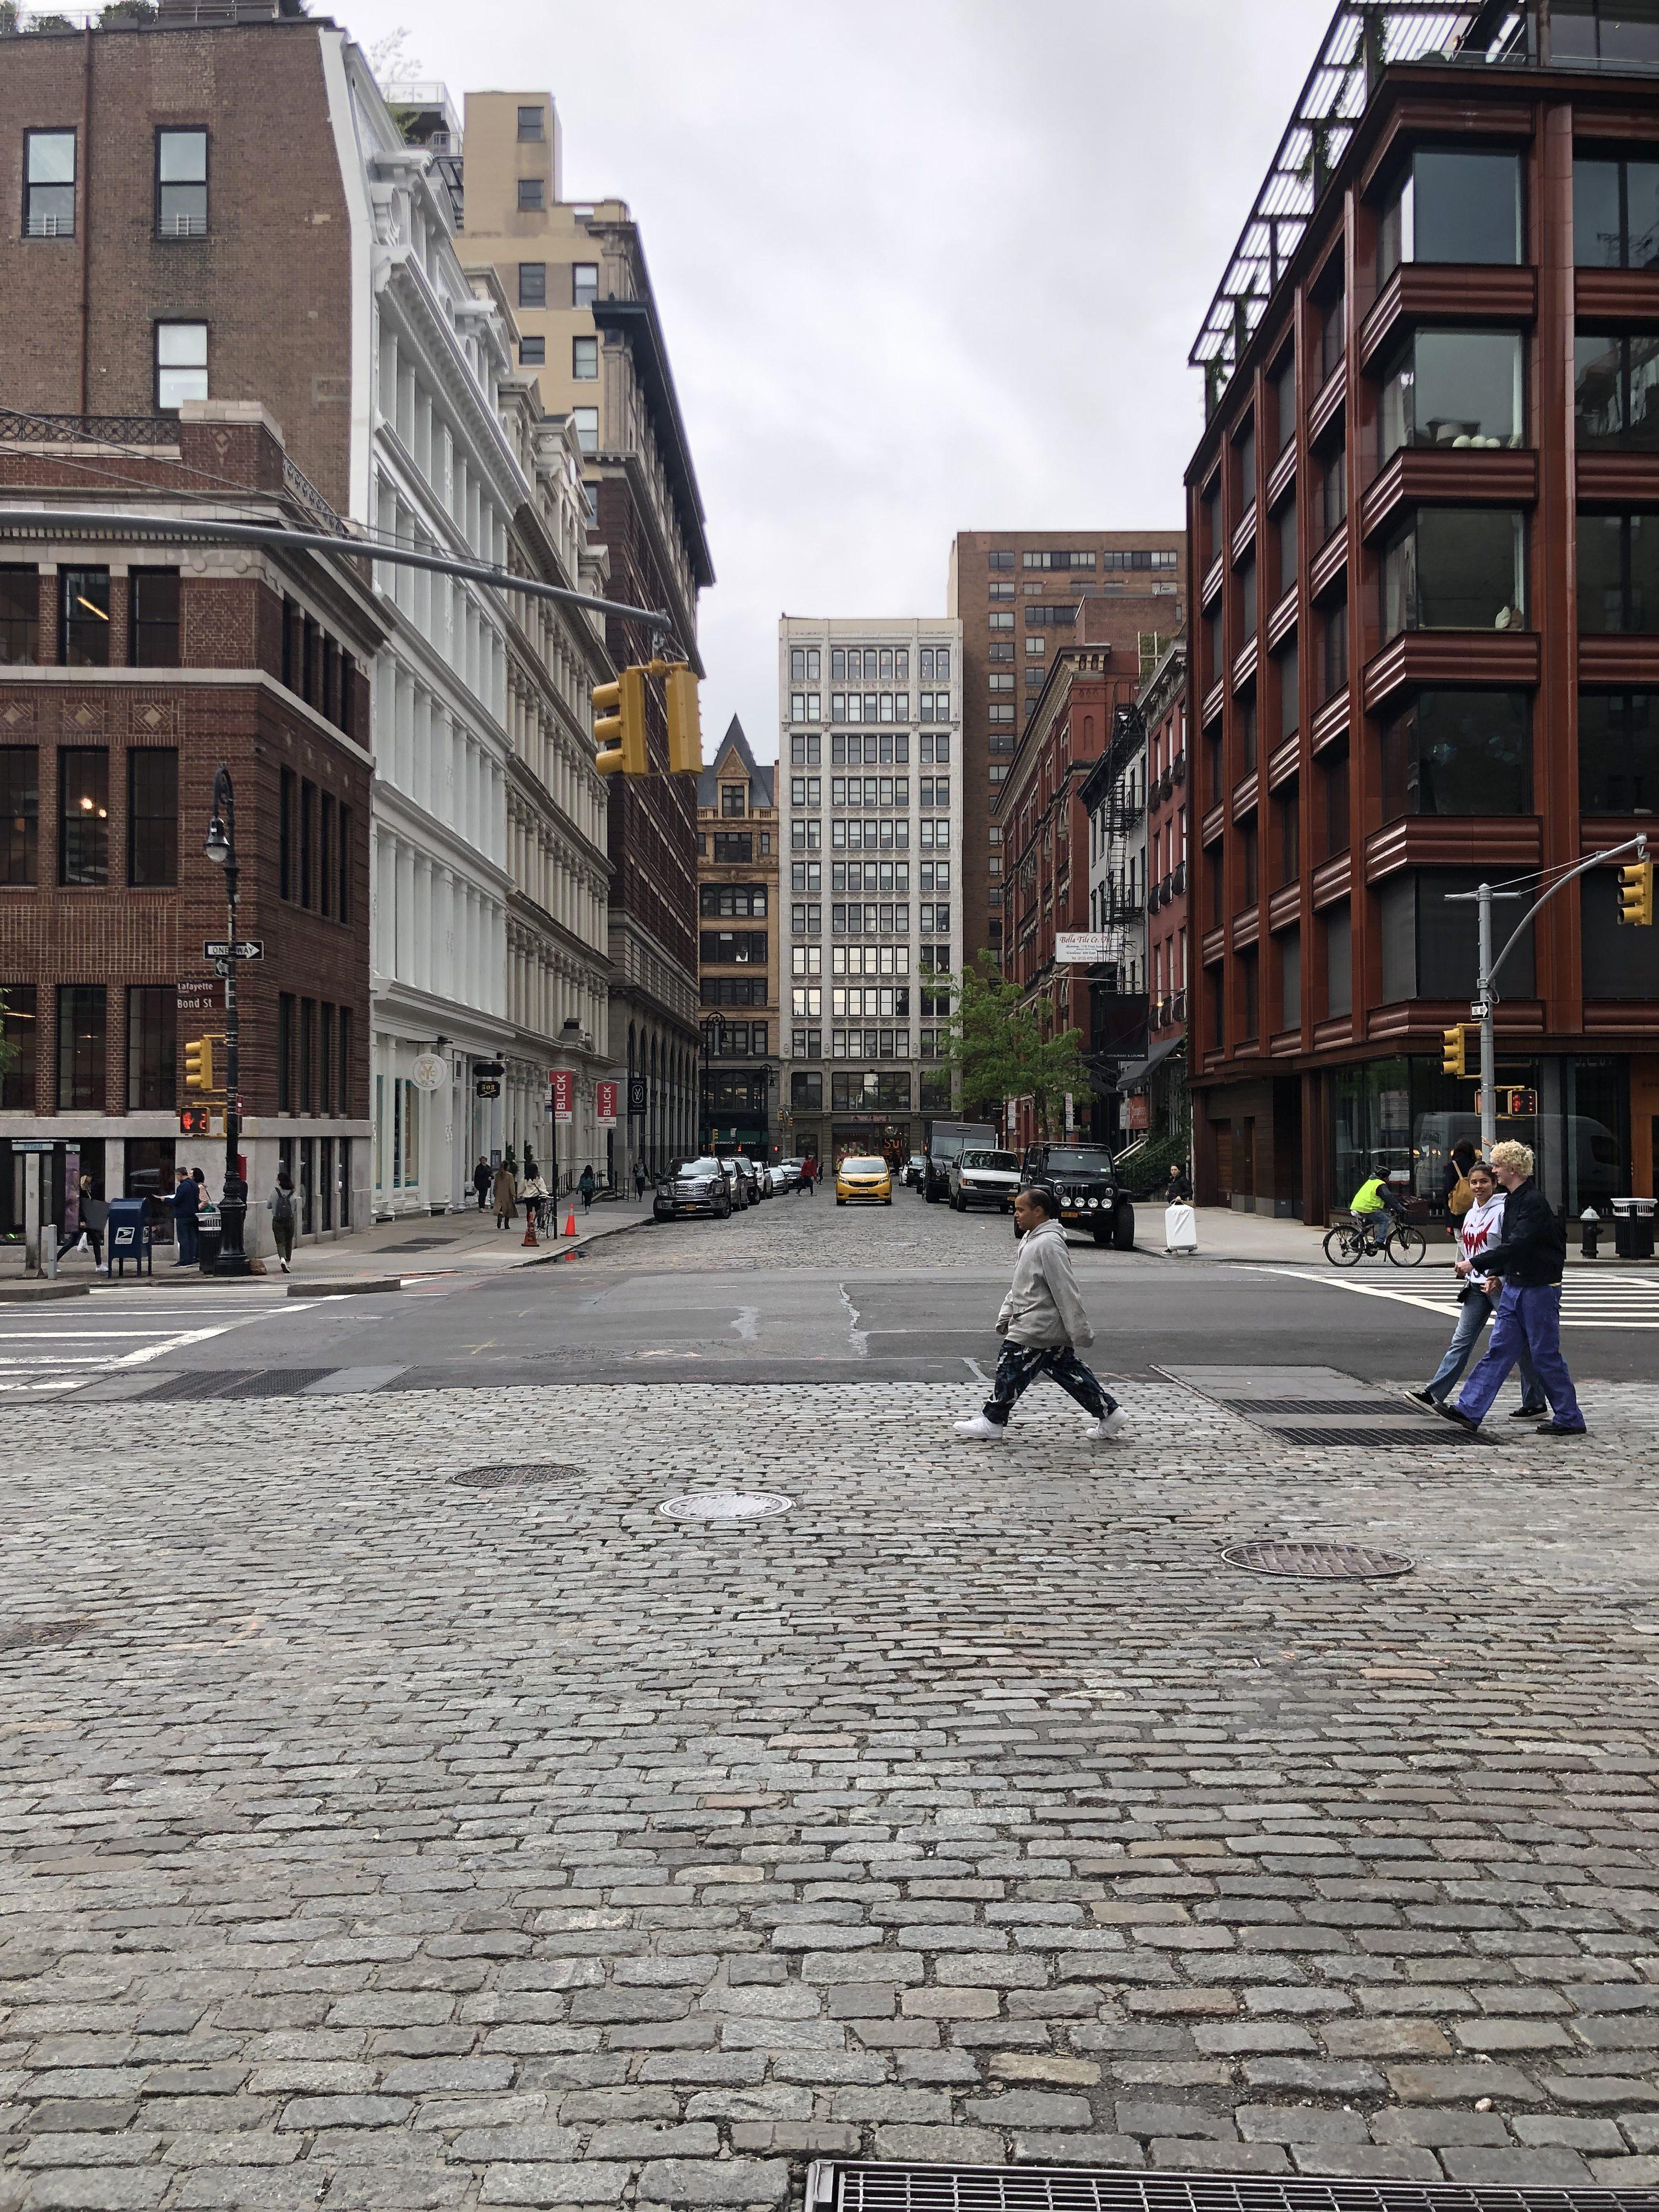 山梨県の工務店、未来建築工房とつくる注文住宅。|NEWYORK3日目